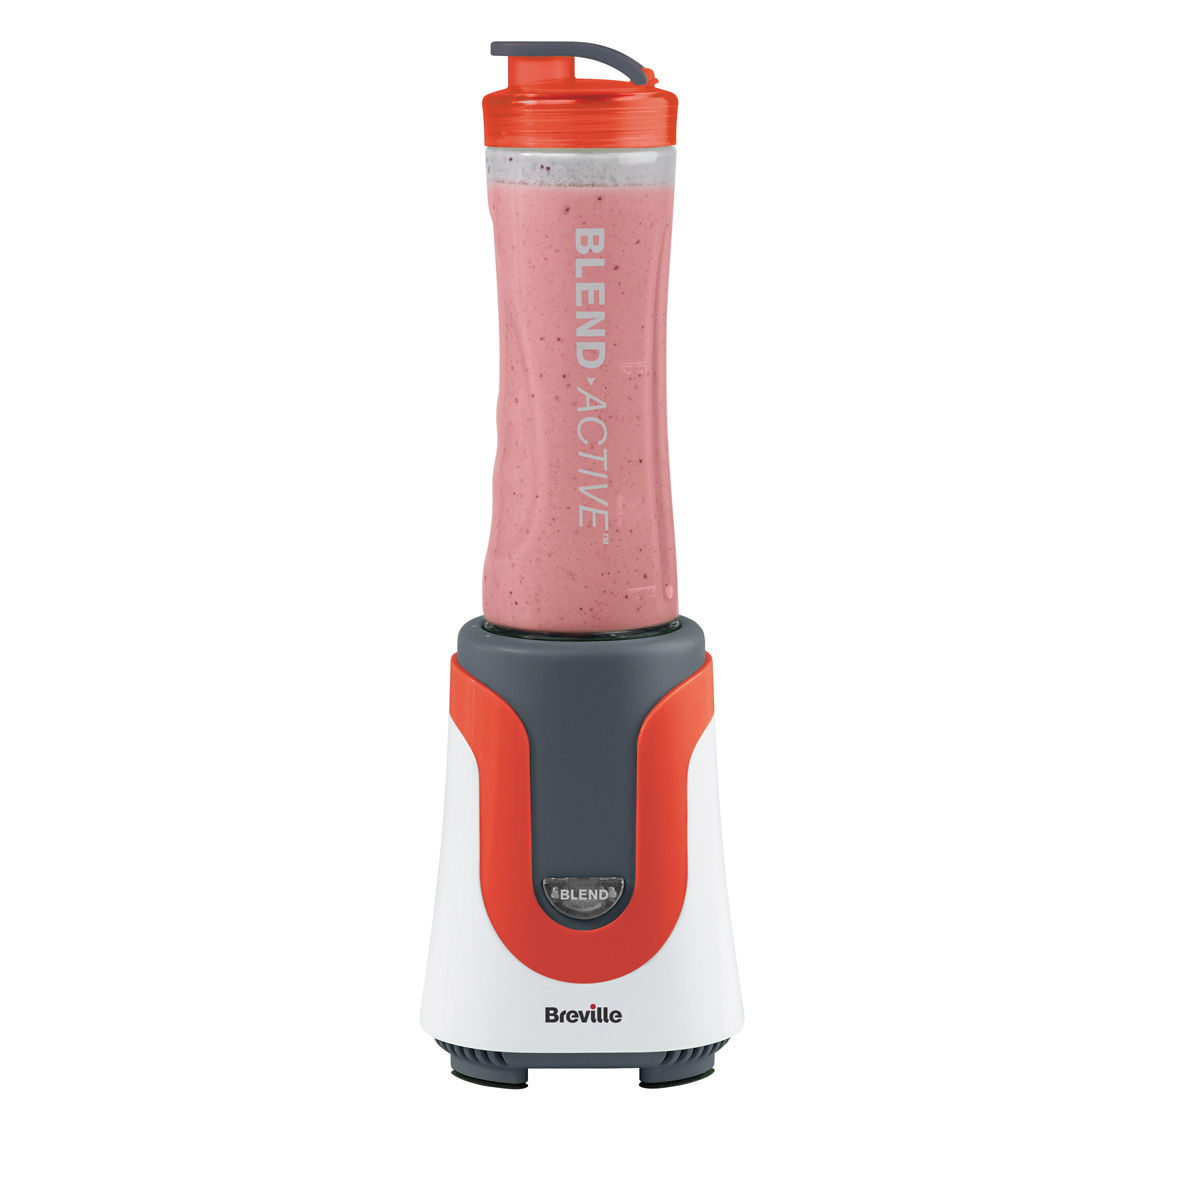 600 ml vert VBL062 Breville Blend Active Personal Blender /& Smoothie Maker